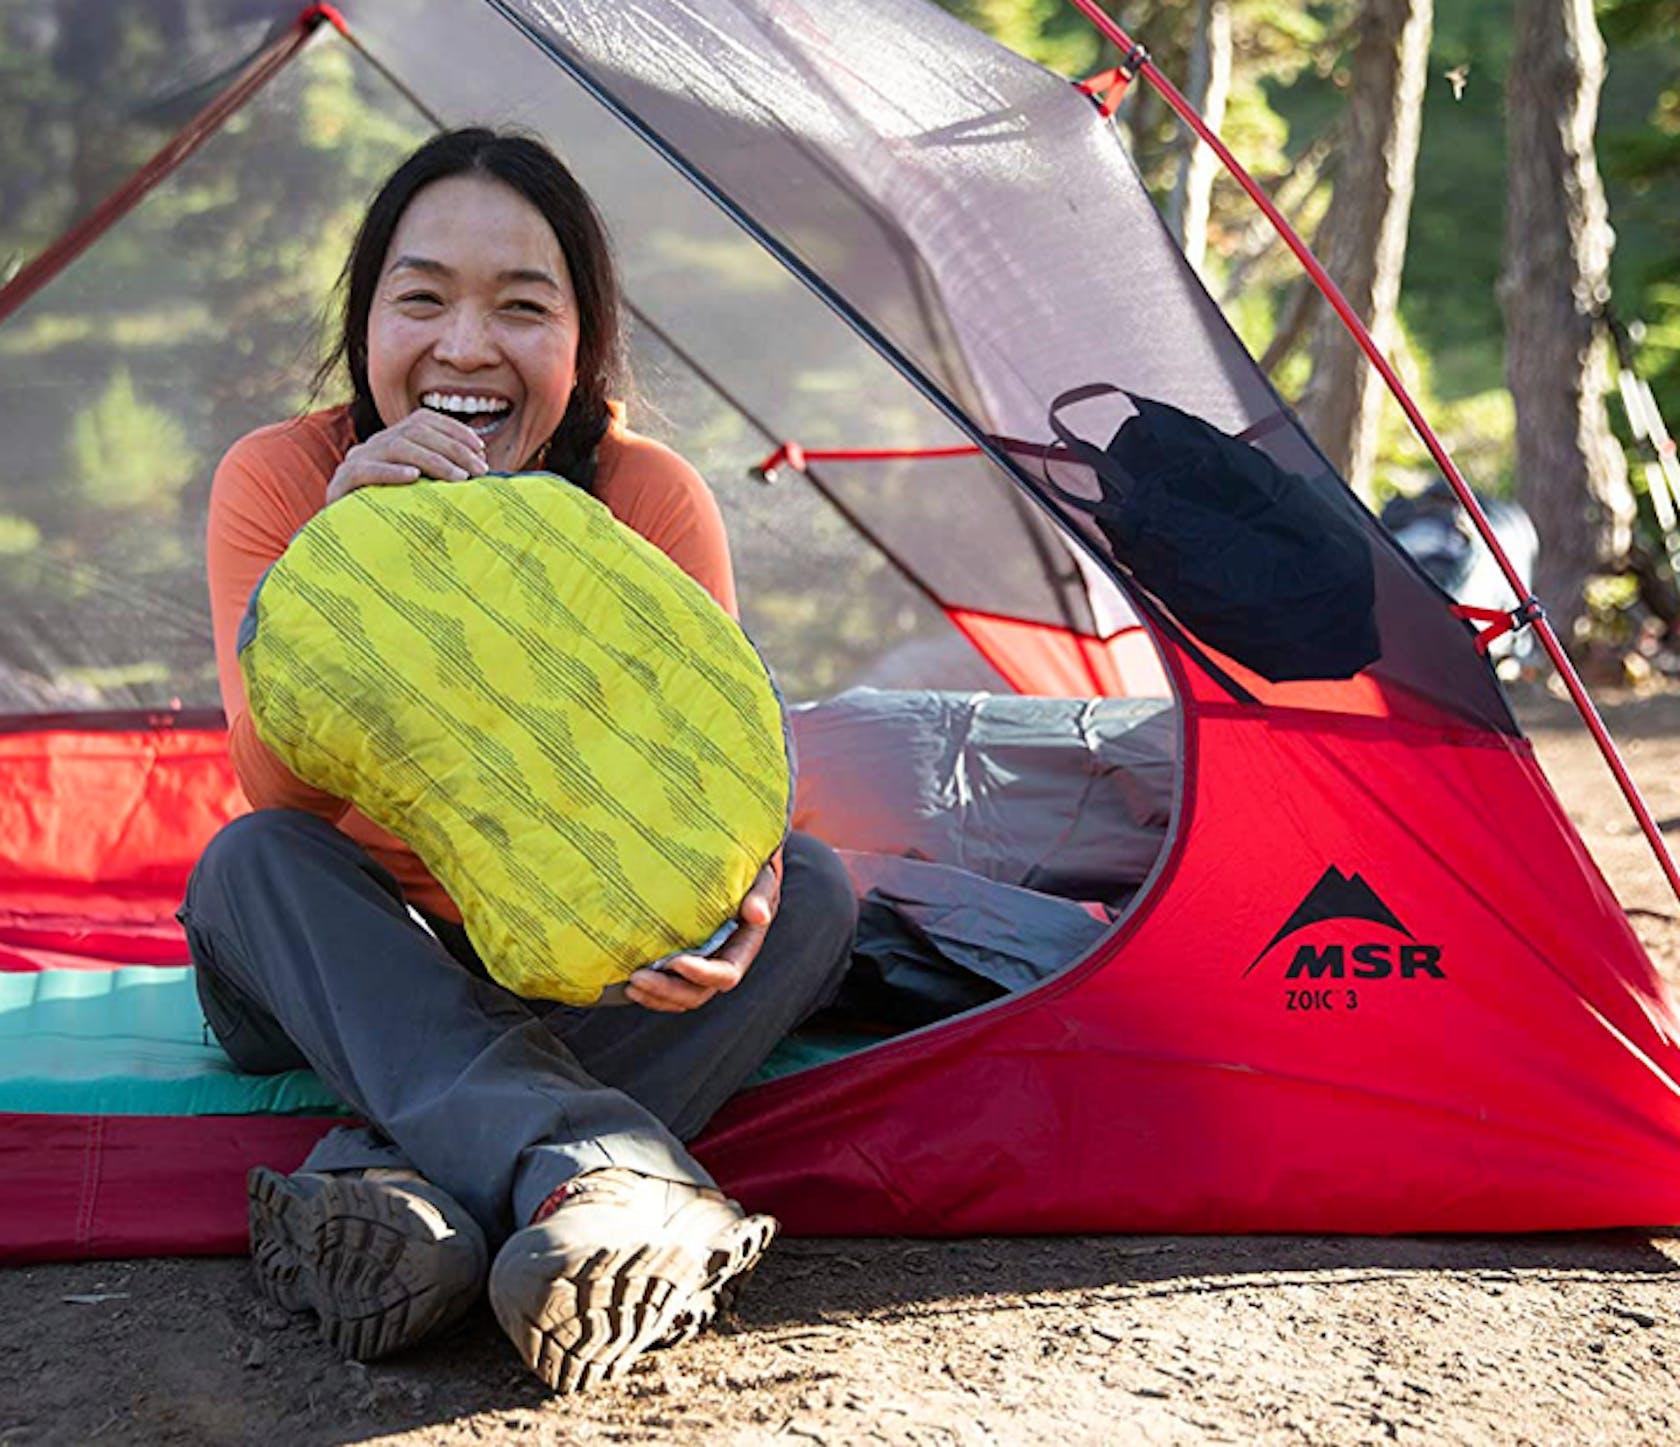 sacchi a pelo per dormire in campeggio